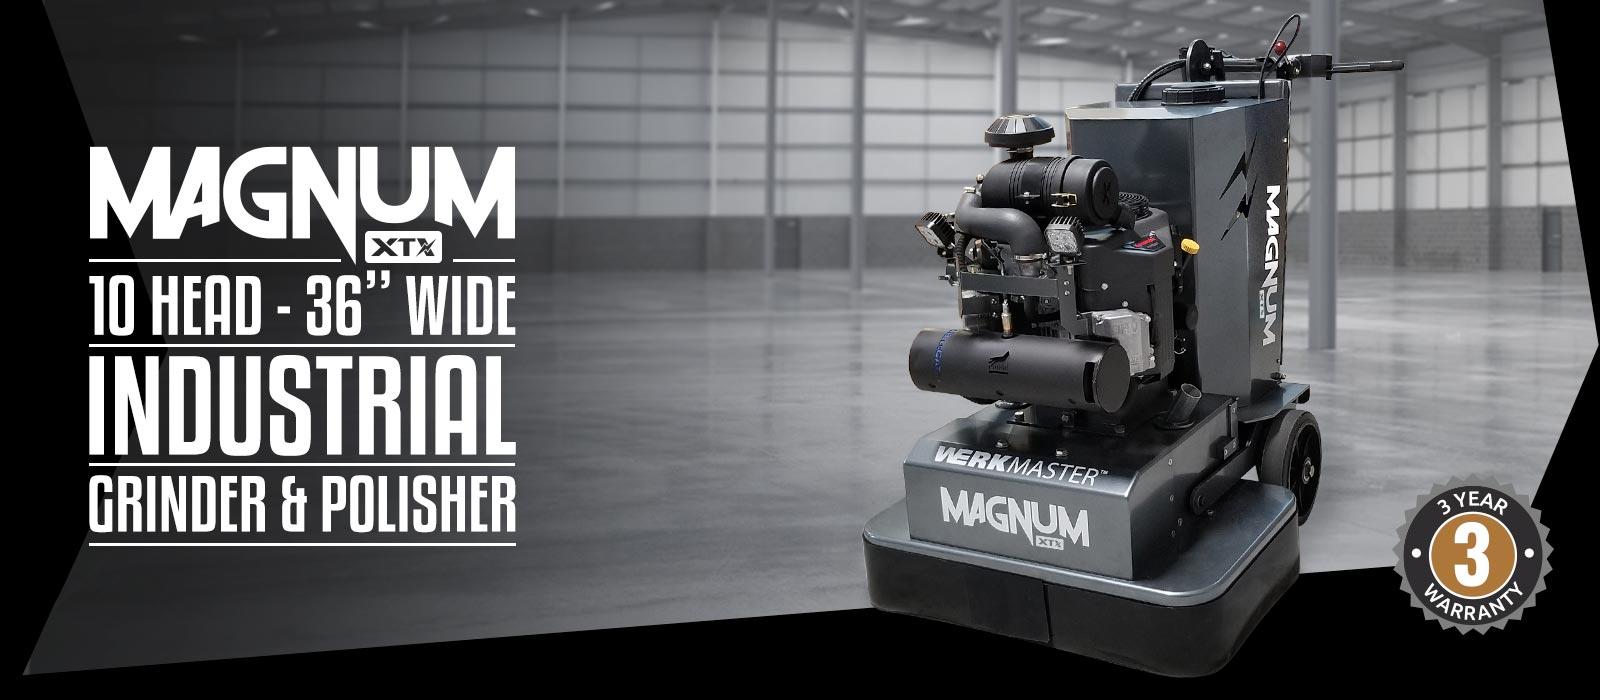 WerkMaster Magnum XTX 10 Head - 36